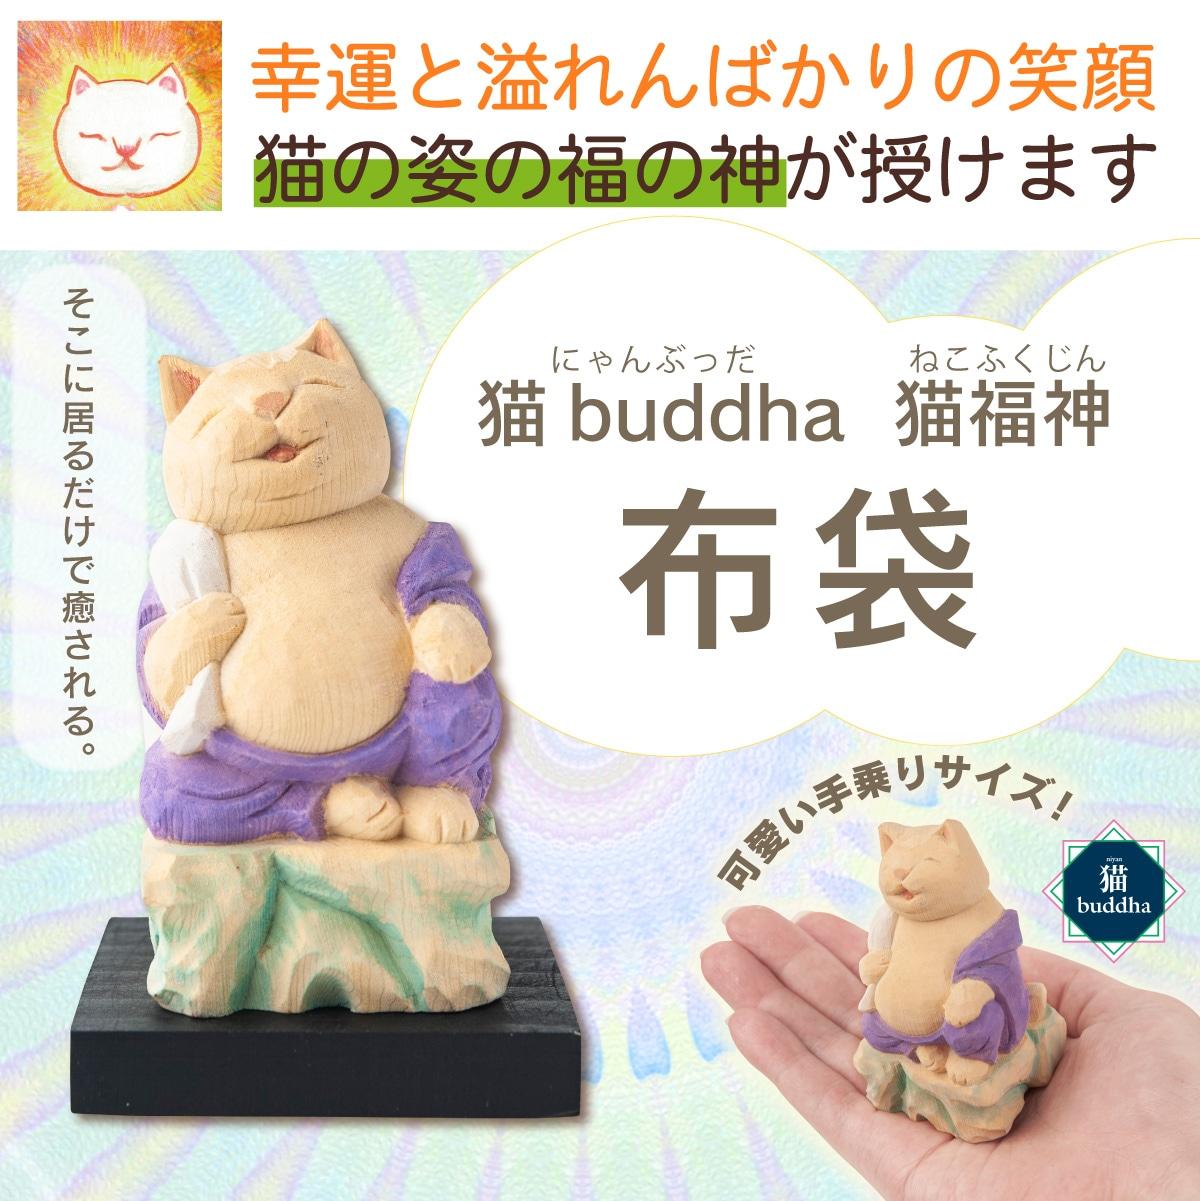 猫buddha 猫福神 布袋 開運グッズ